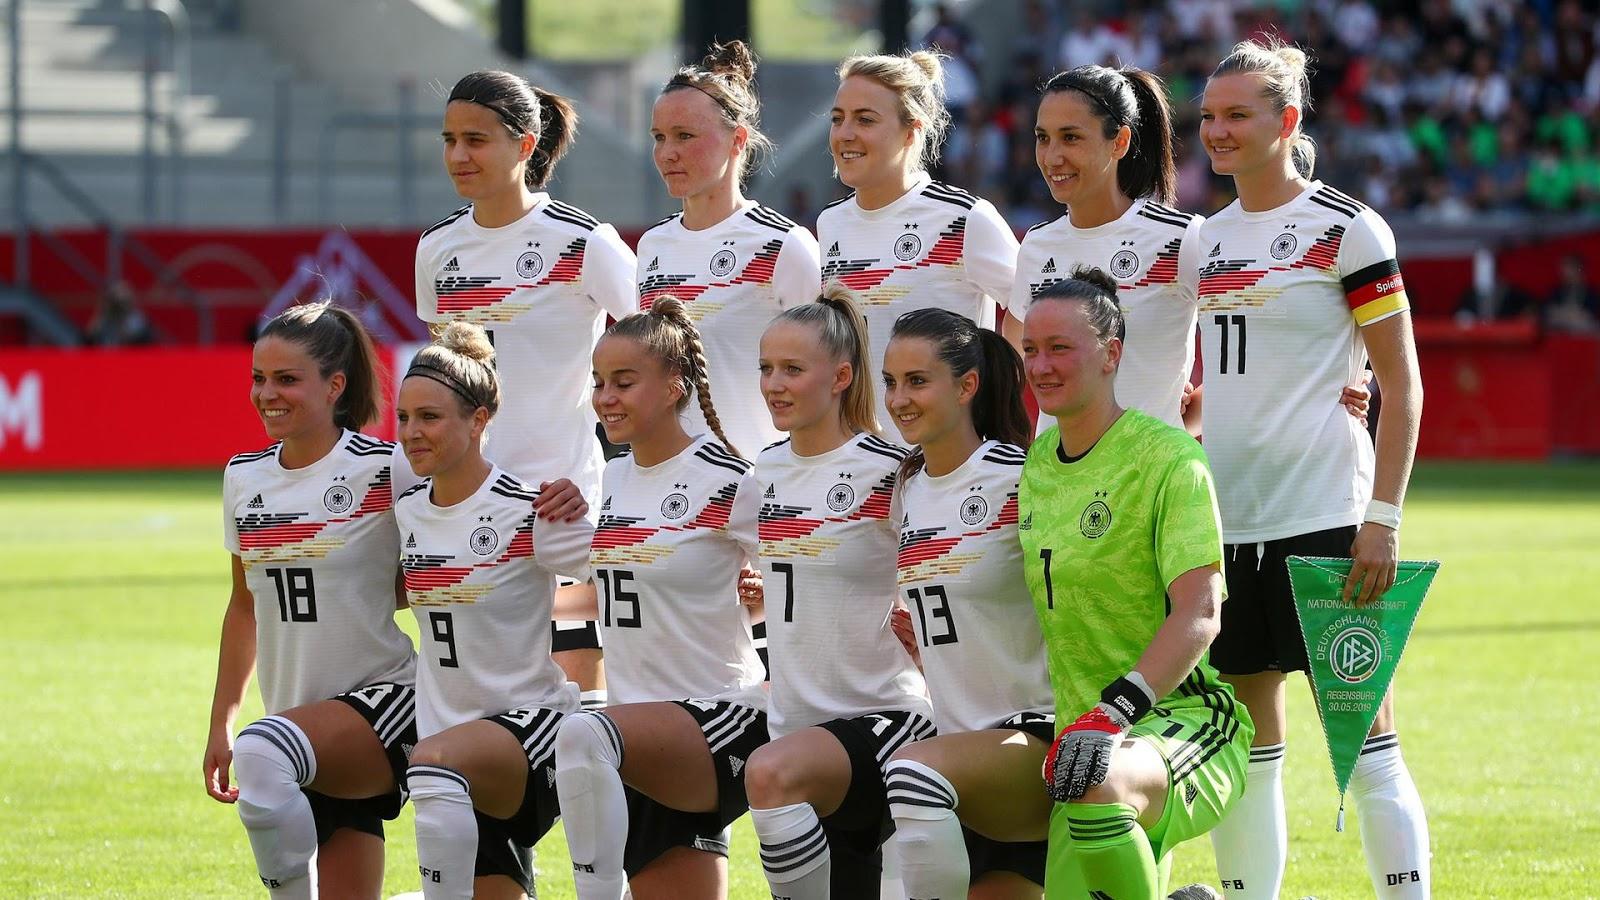 Formación de selección femenina de Alemania ante Chile, amistoso disputado el 30 de mayo de 2019